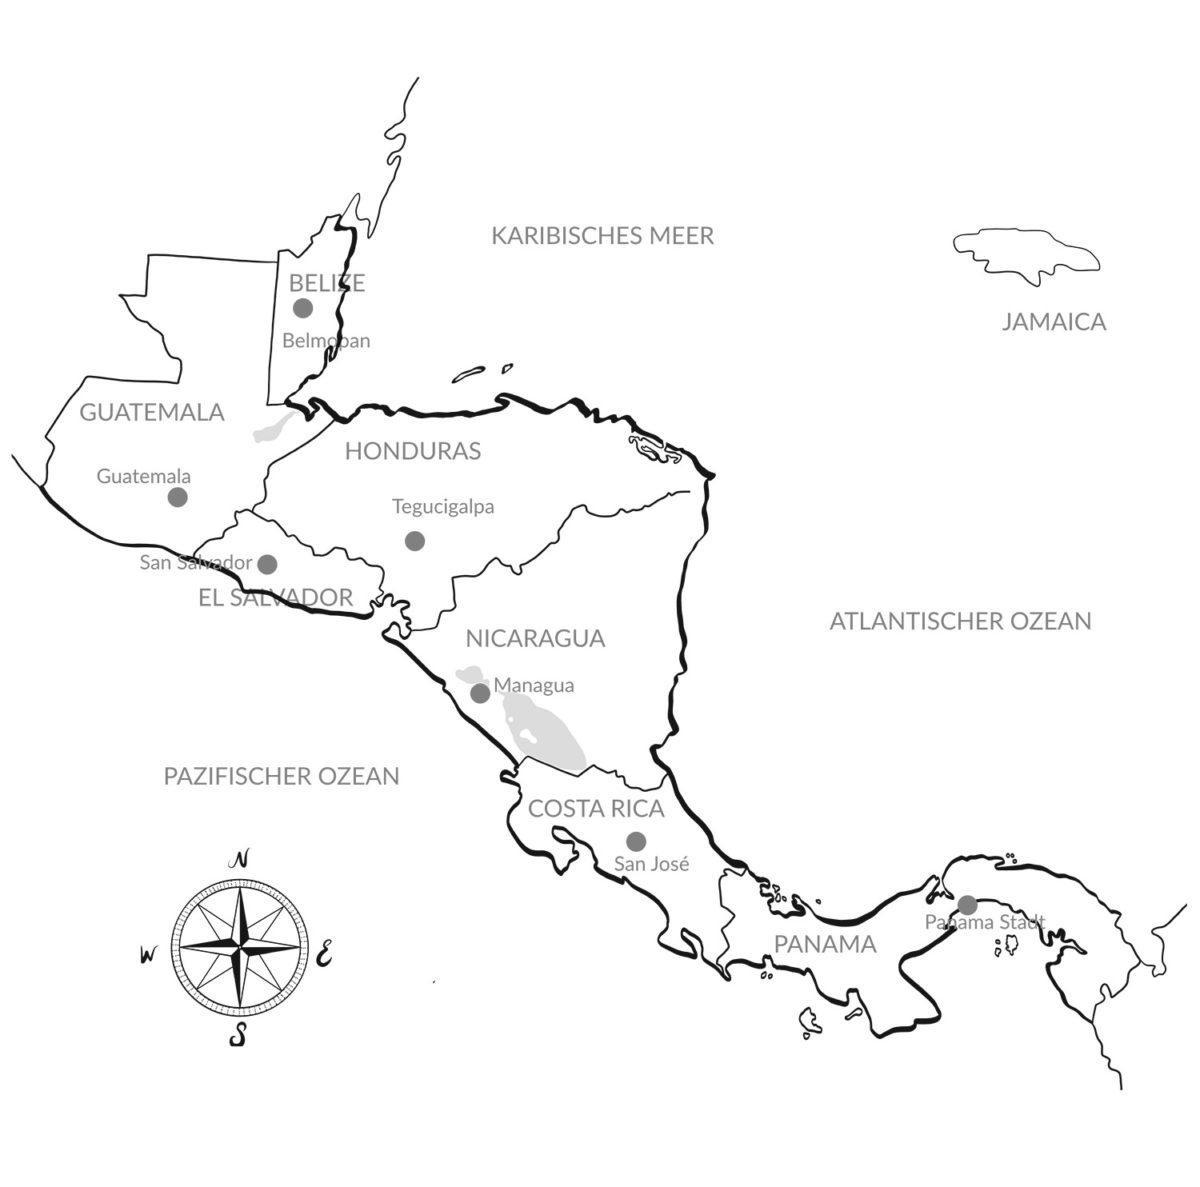 Luxusreise Mittelamerika-Karte – Argentum Reisen